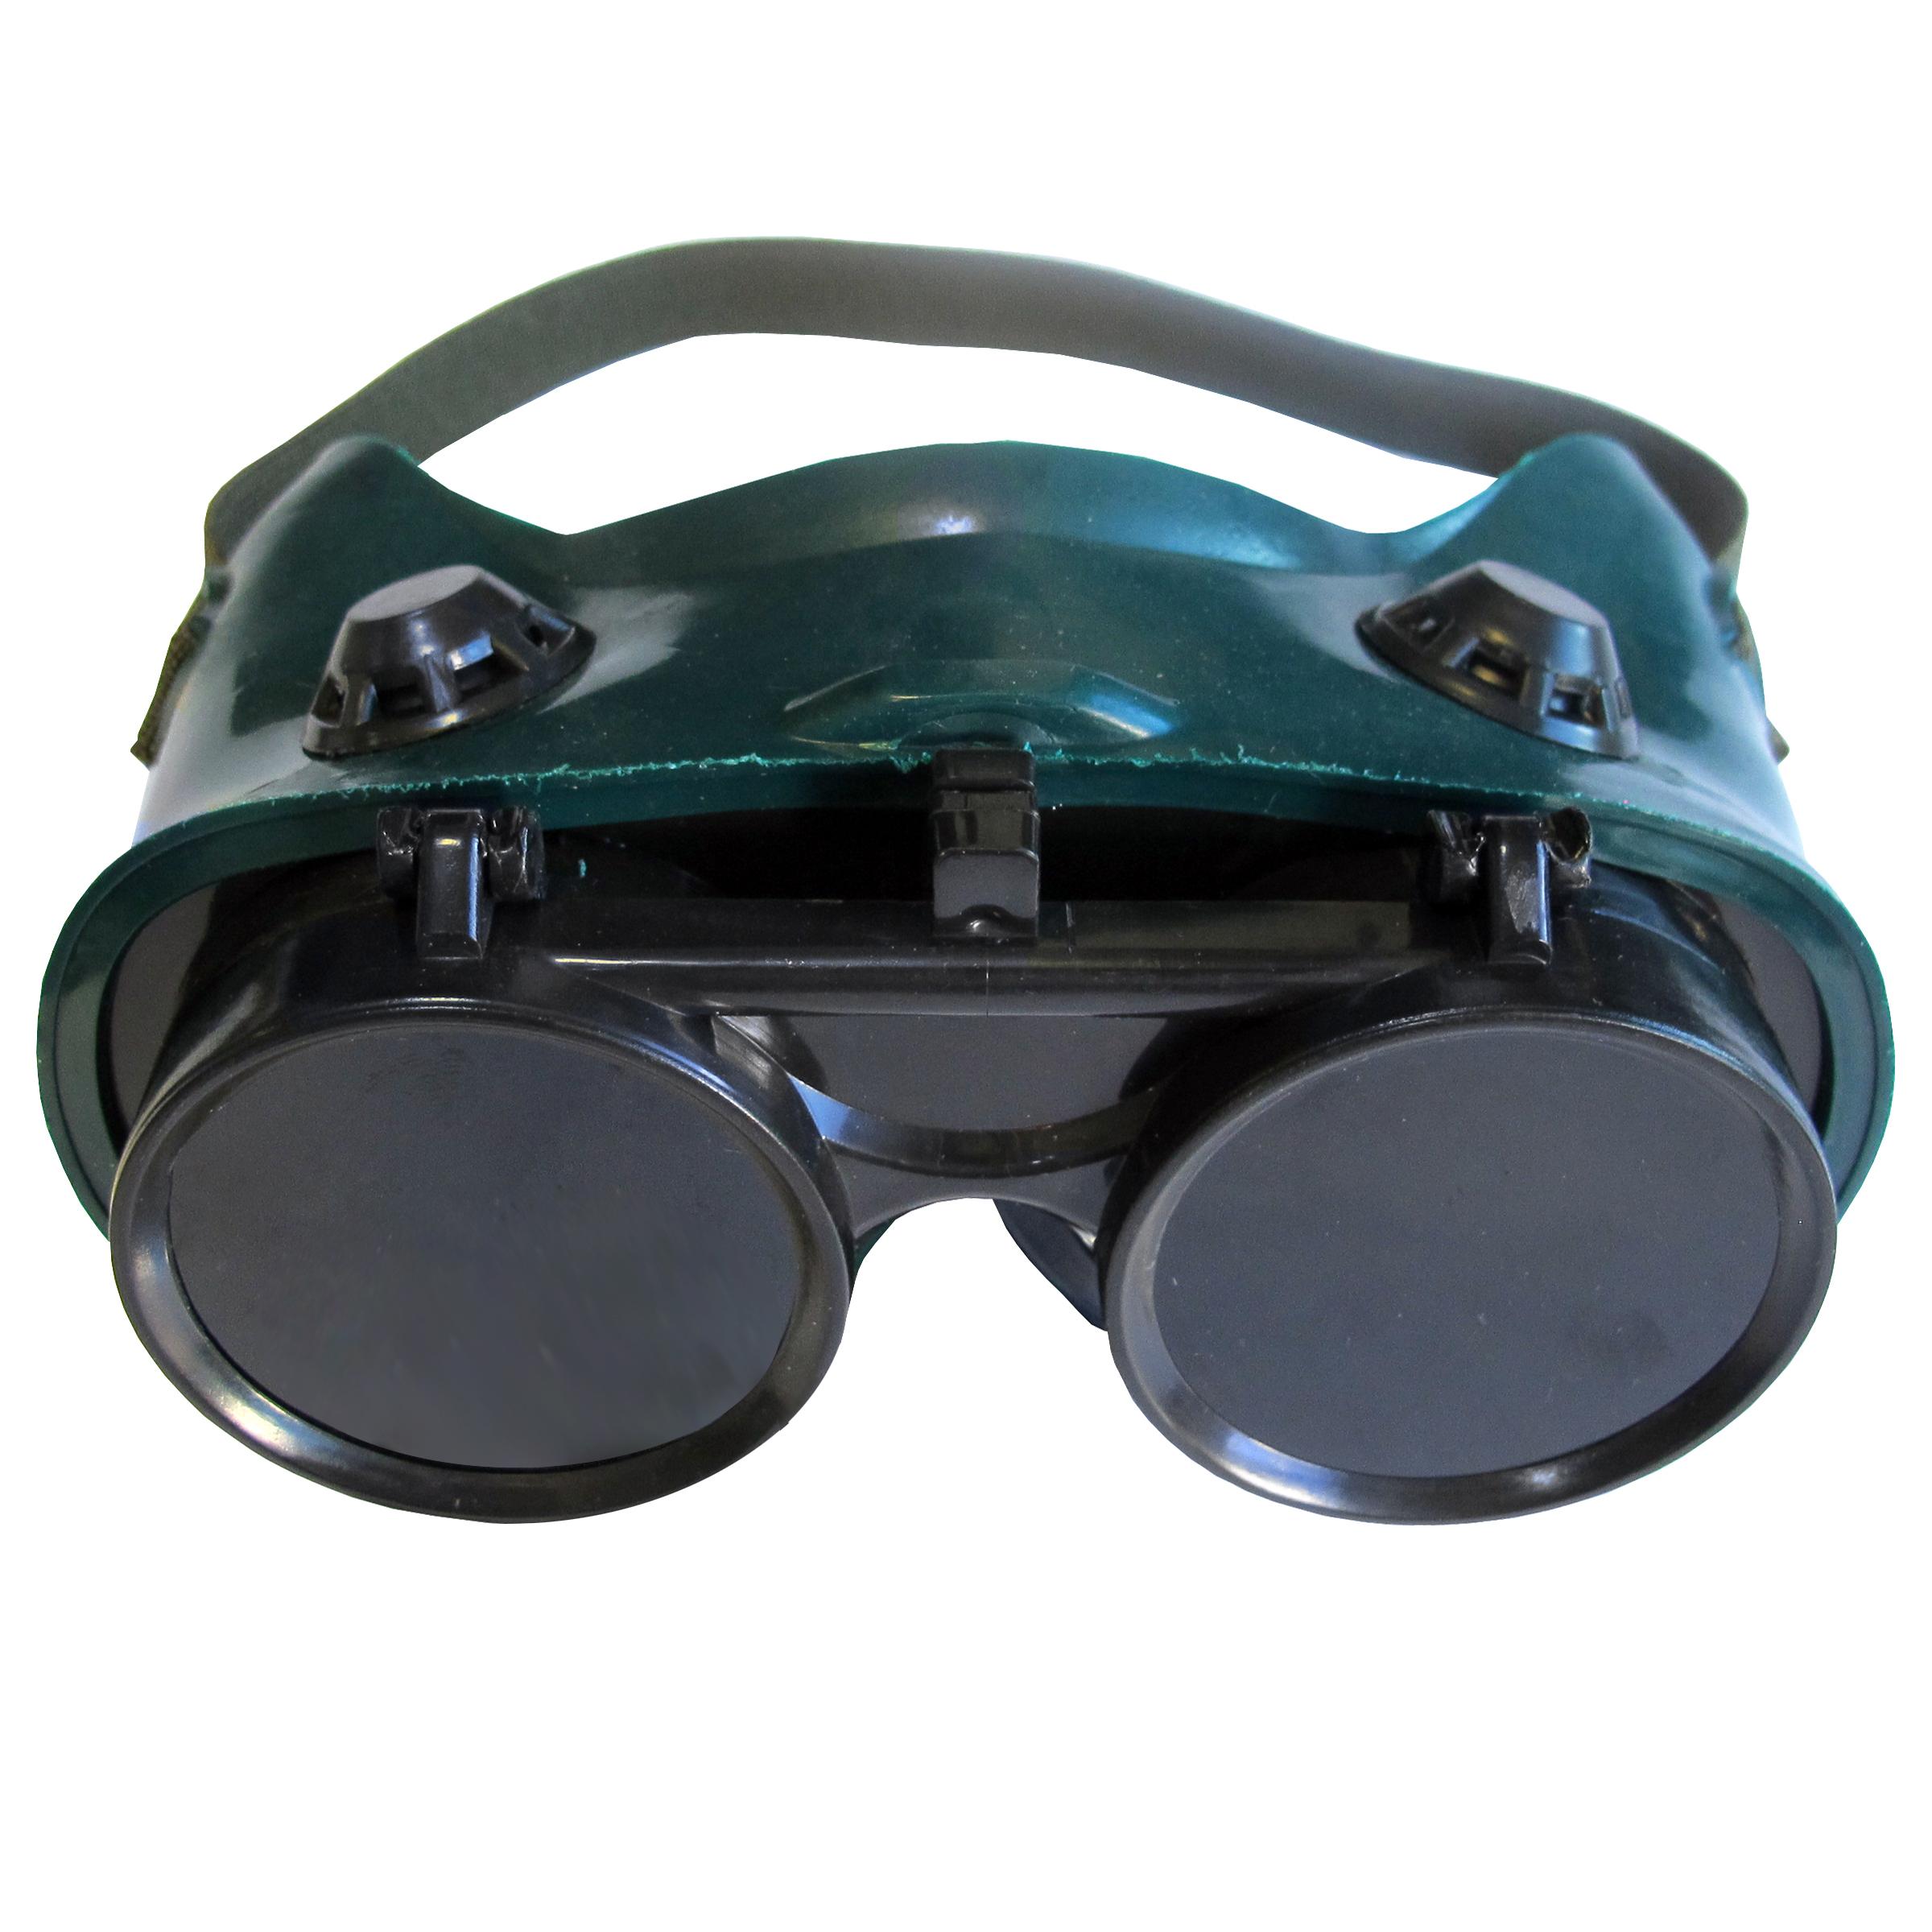 عينک جوشکاري مدل PA 1806